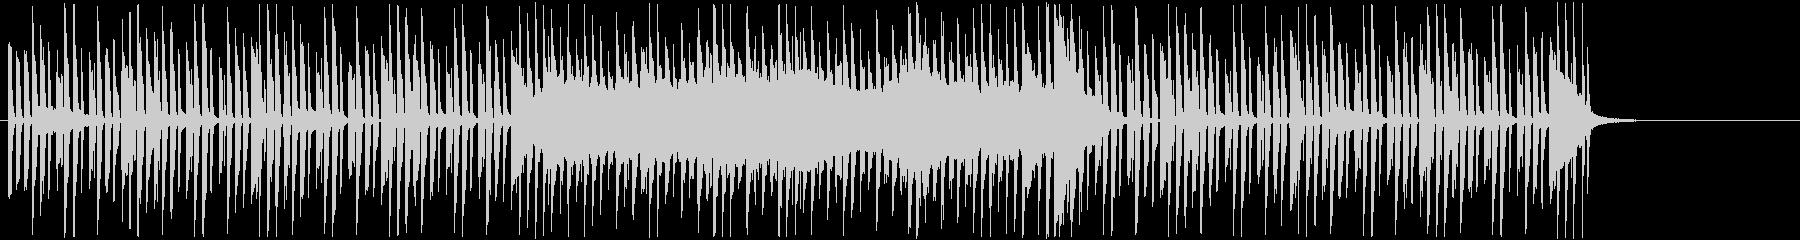 軽快なリズムマシンとシンセサイザーの一曲の未再生の波形